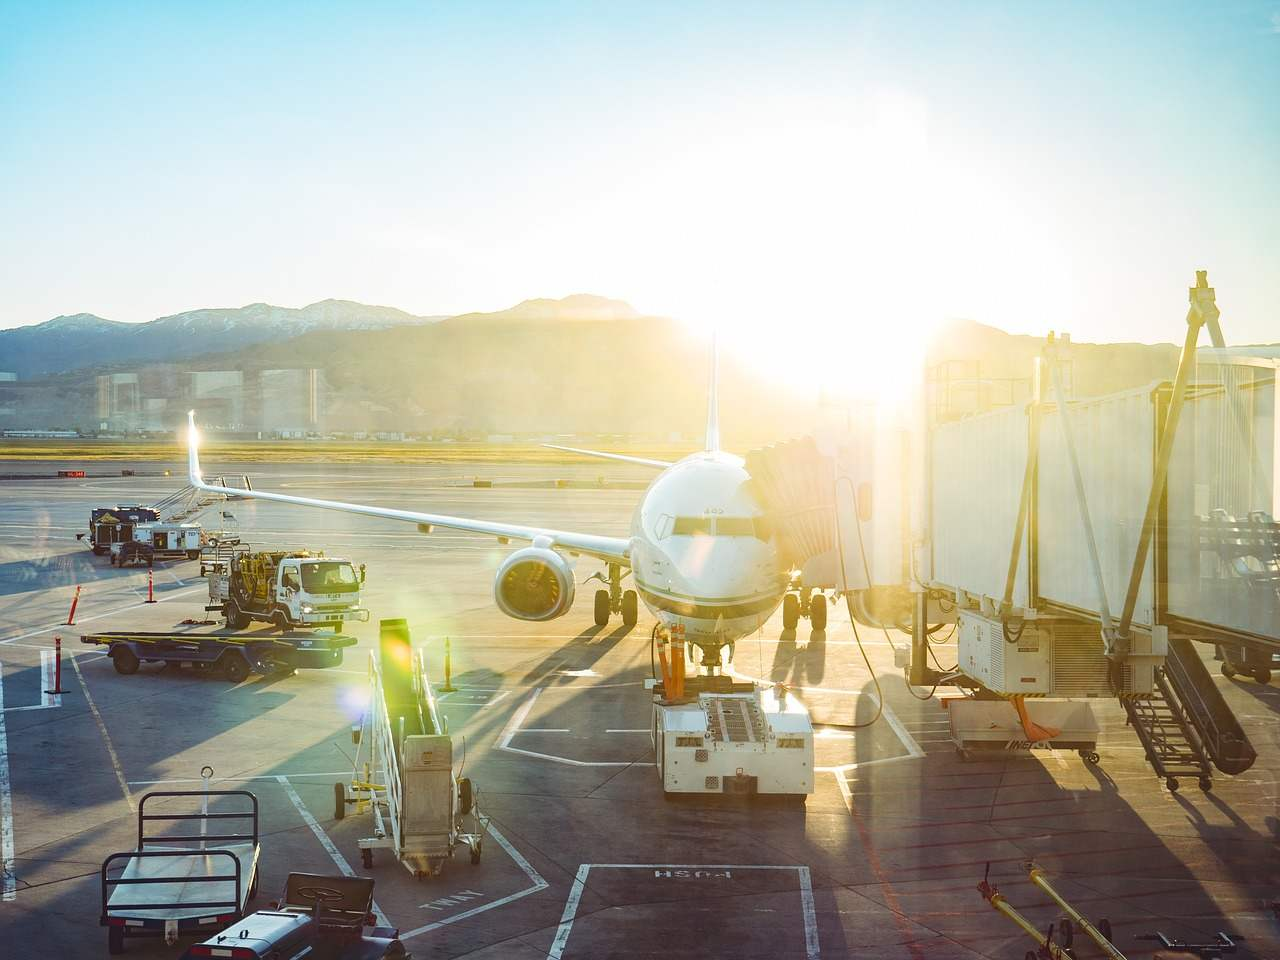 Sol a incidir num avião estacionado no pátio do aeroporto com manga de embarque. Foto de Pixabay